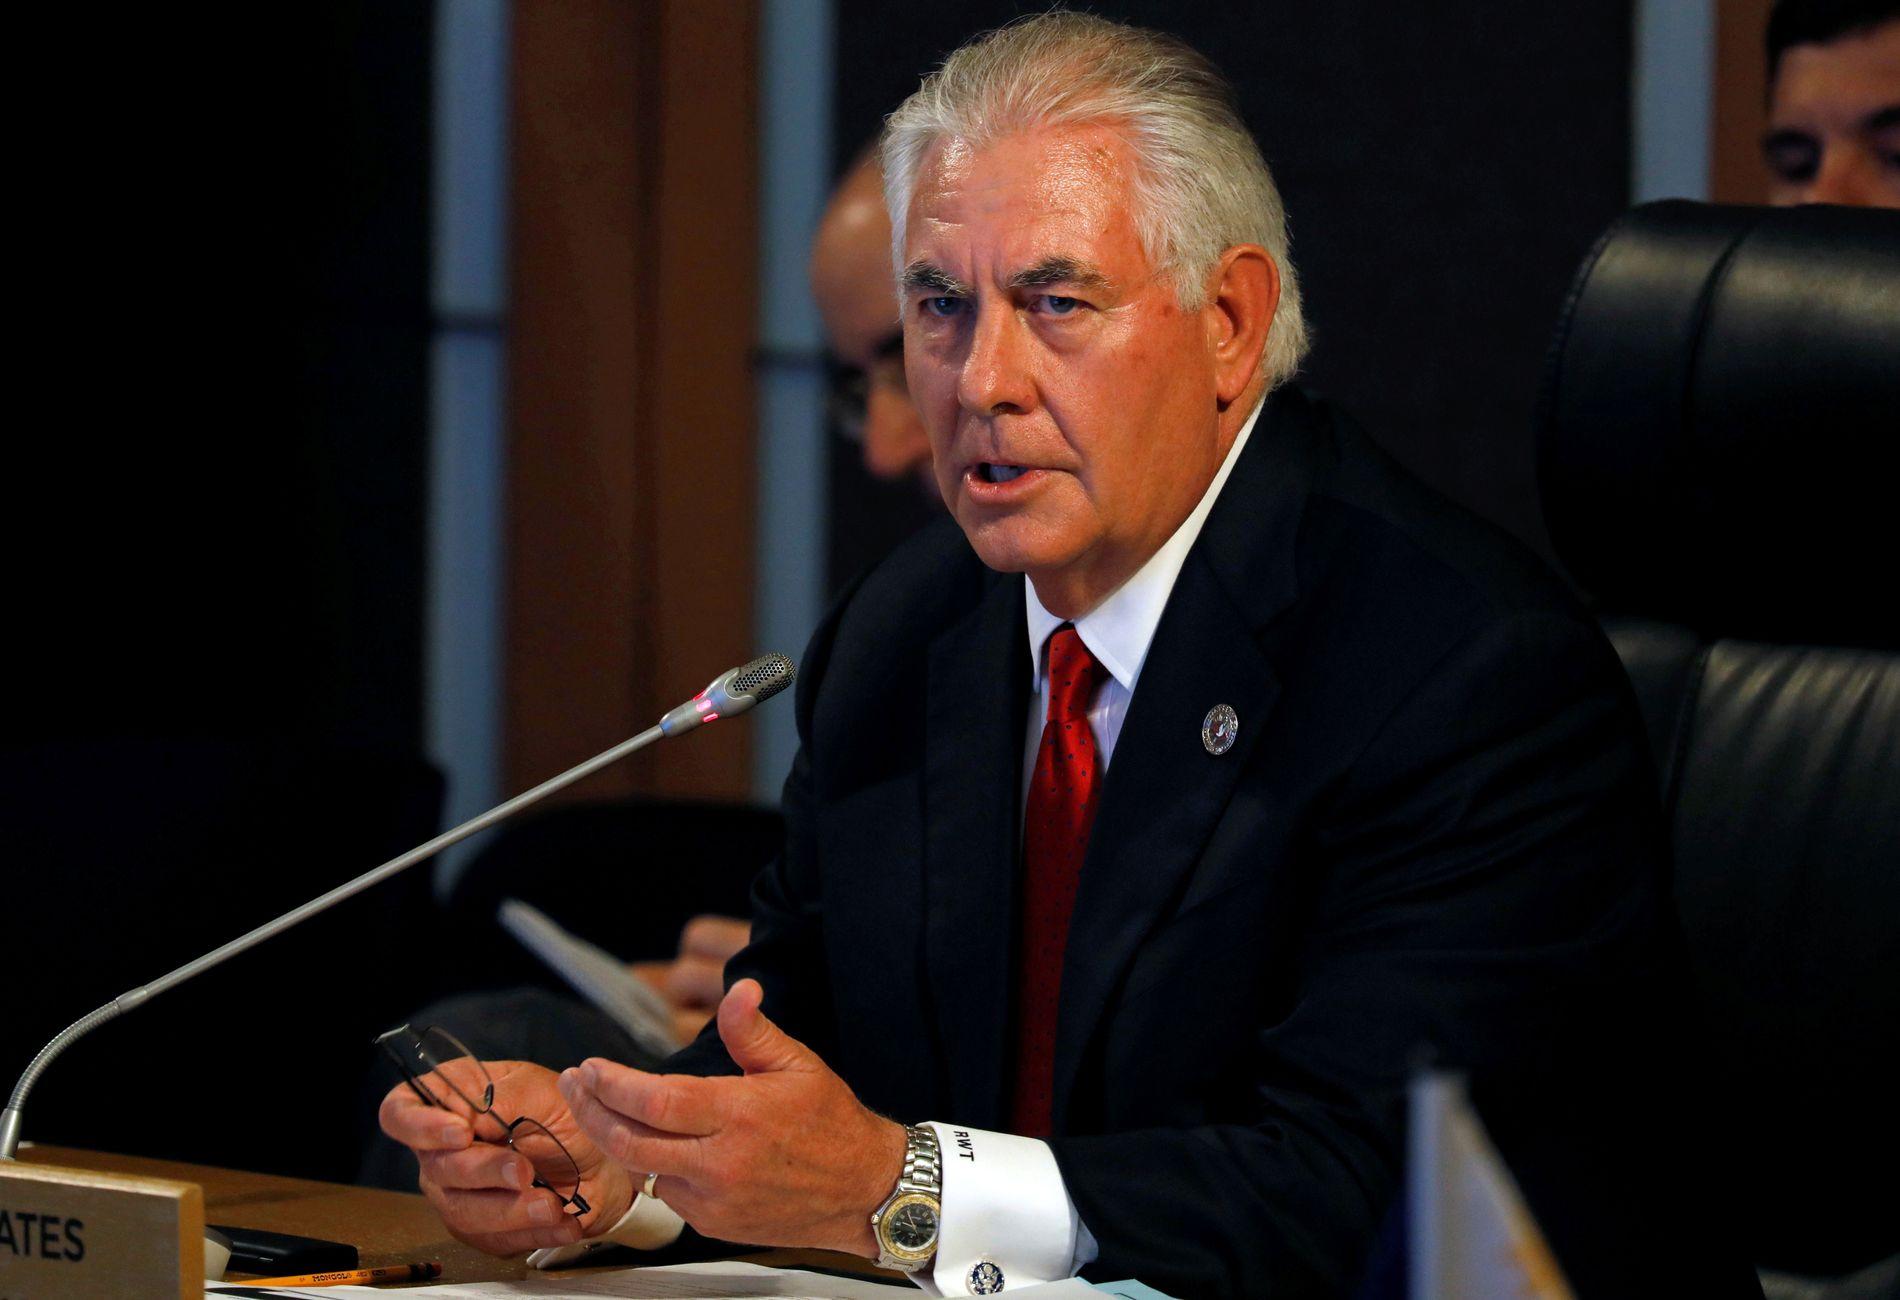 UTVISER CUBA-DIPLOMATER: USAs utenriksminister Rex Tillerson utviser 15 cubanske diplomater etter misnøye med etterforskningen av mystiske sykdommer og helseplager blant amerikansk diplomatisk personell i Havana.